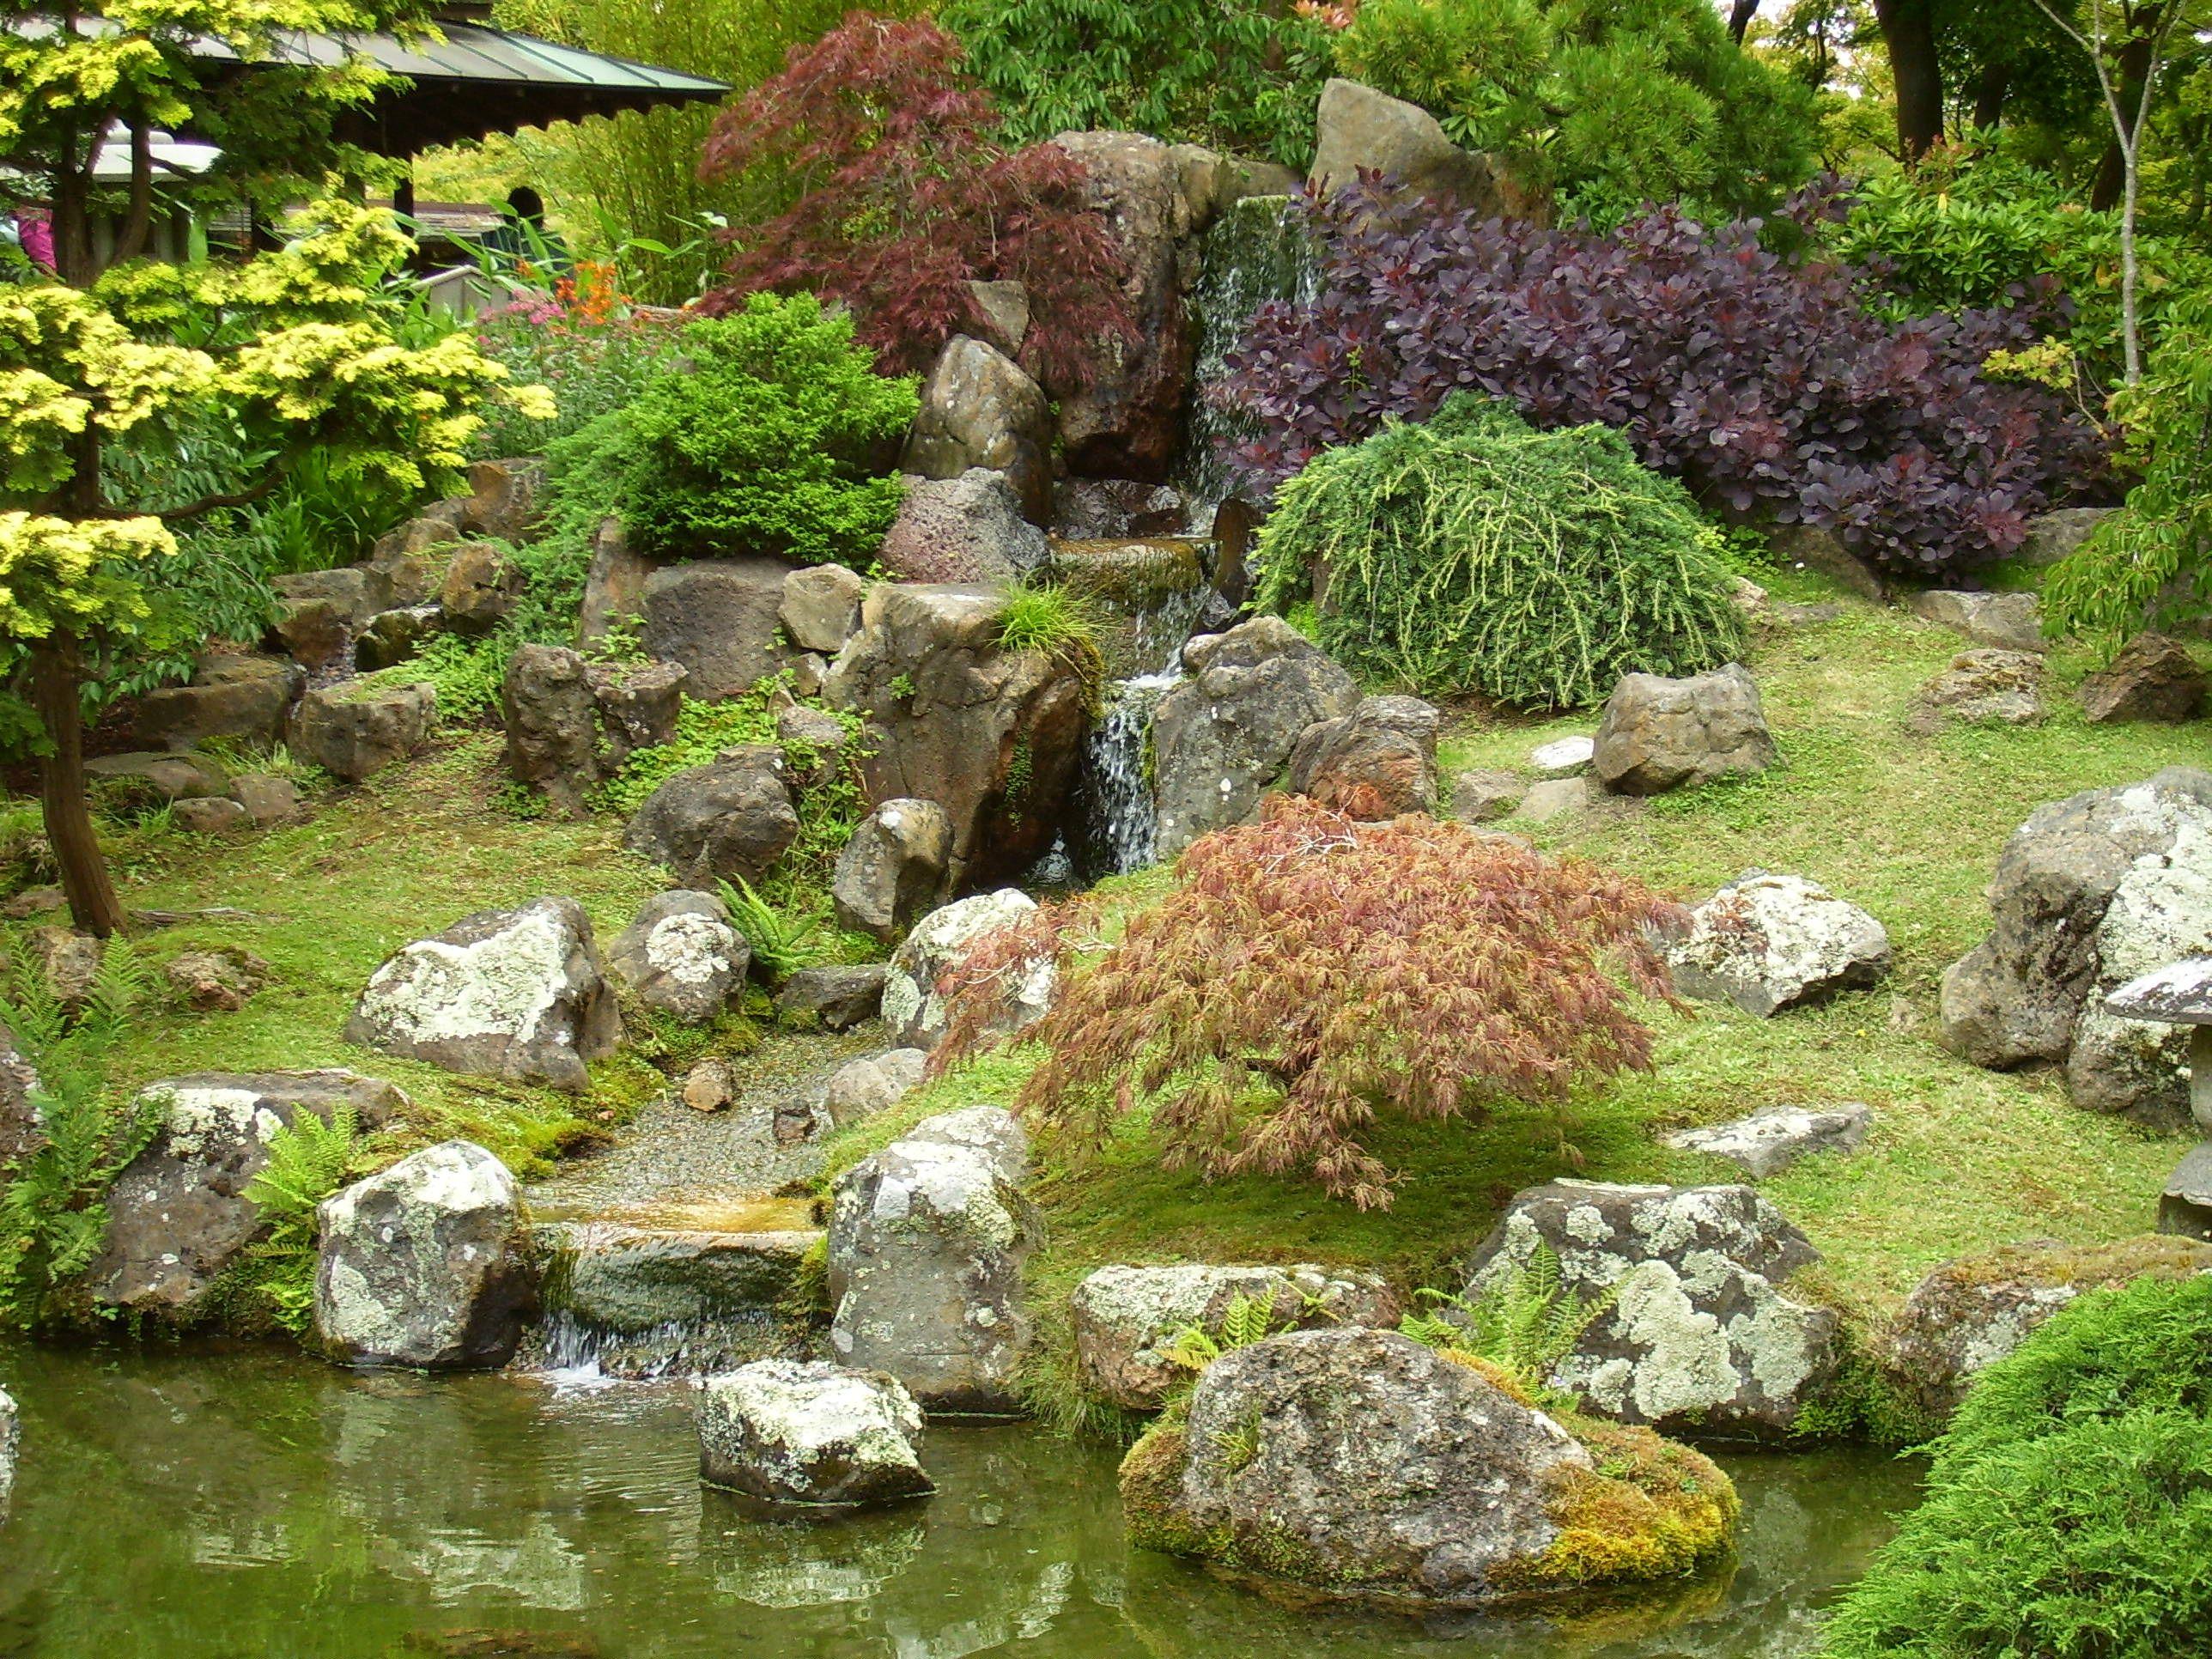 [49+] Zen Garden Desktop Wallpaper on WallpaperSafari zen